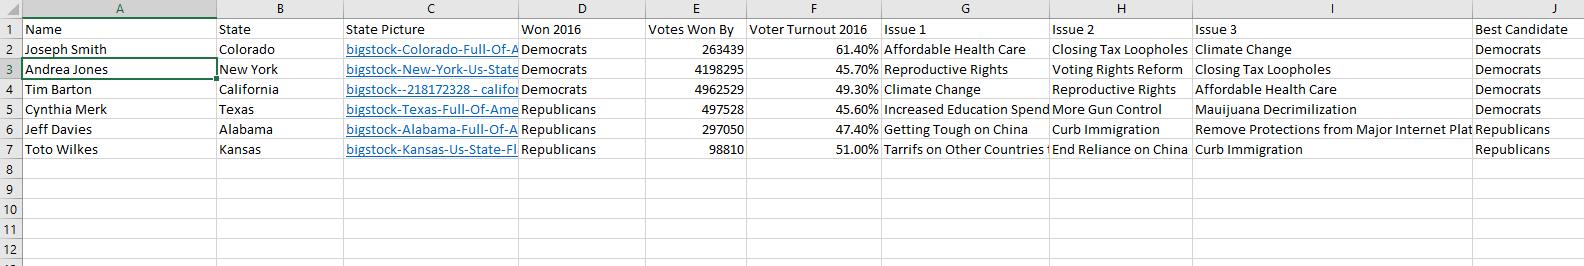 voter turnout excel screenshot